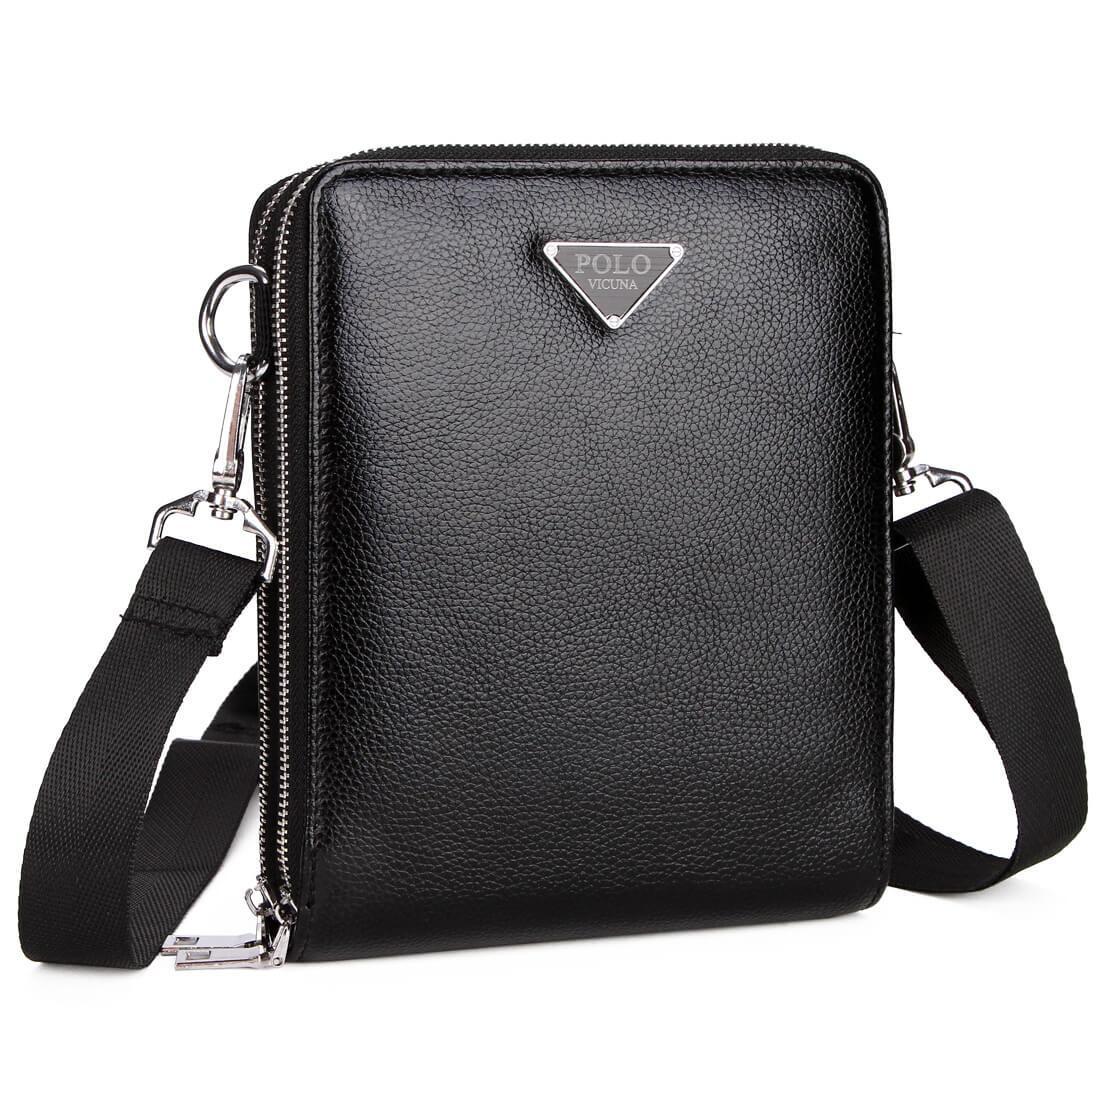 Мужская сумка мессенджер, барсетка через плечо V8829 черная